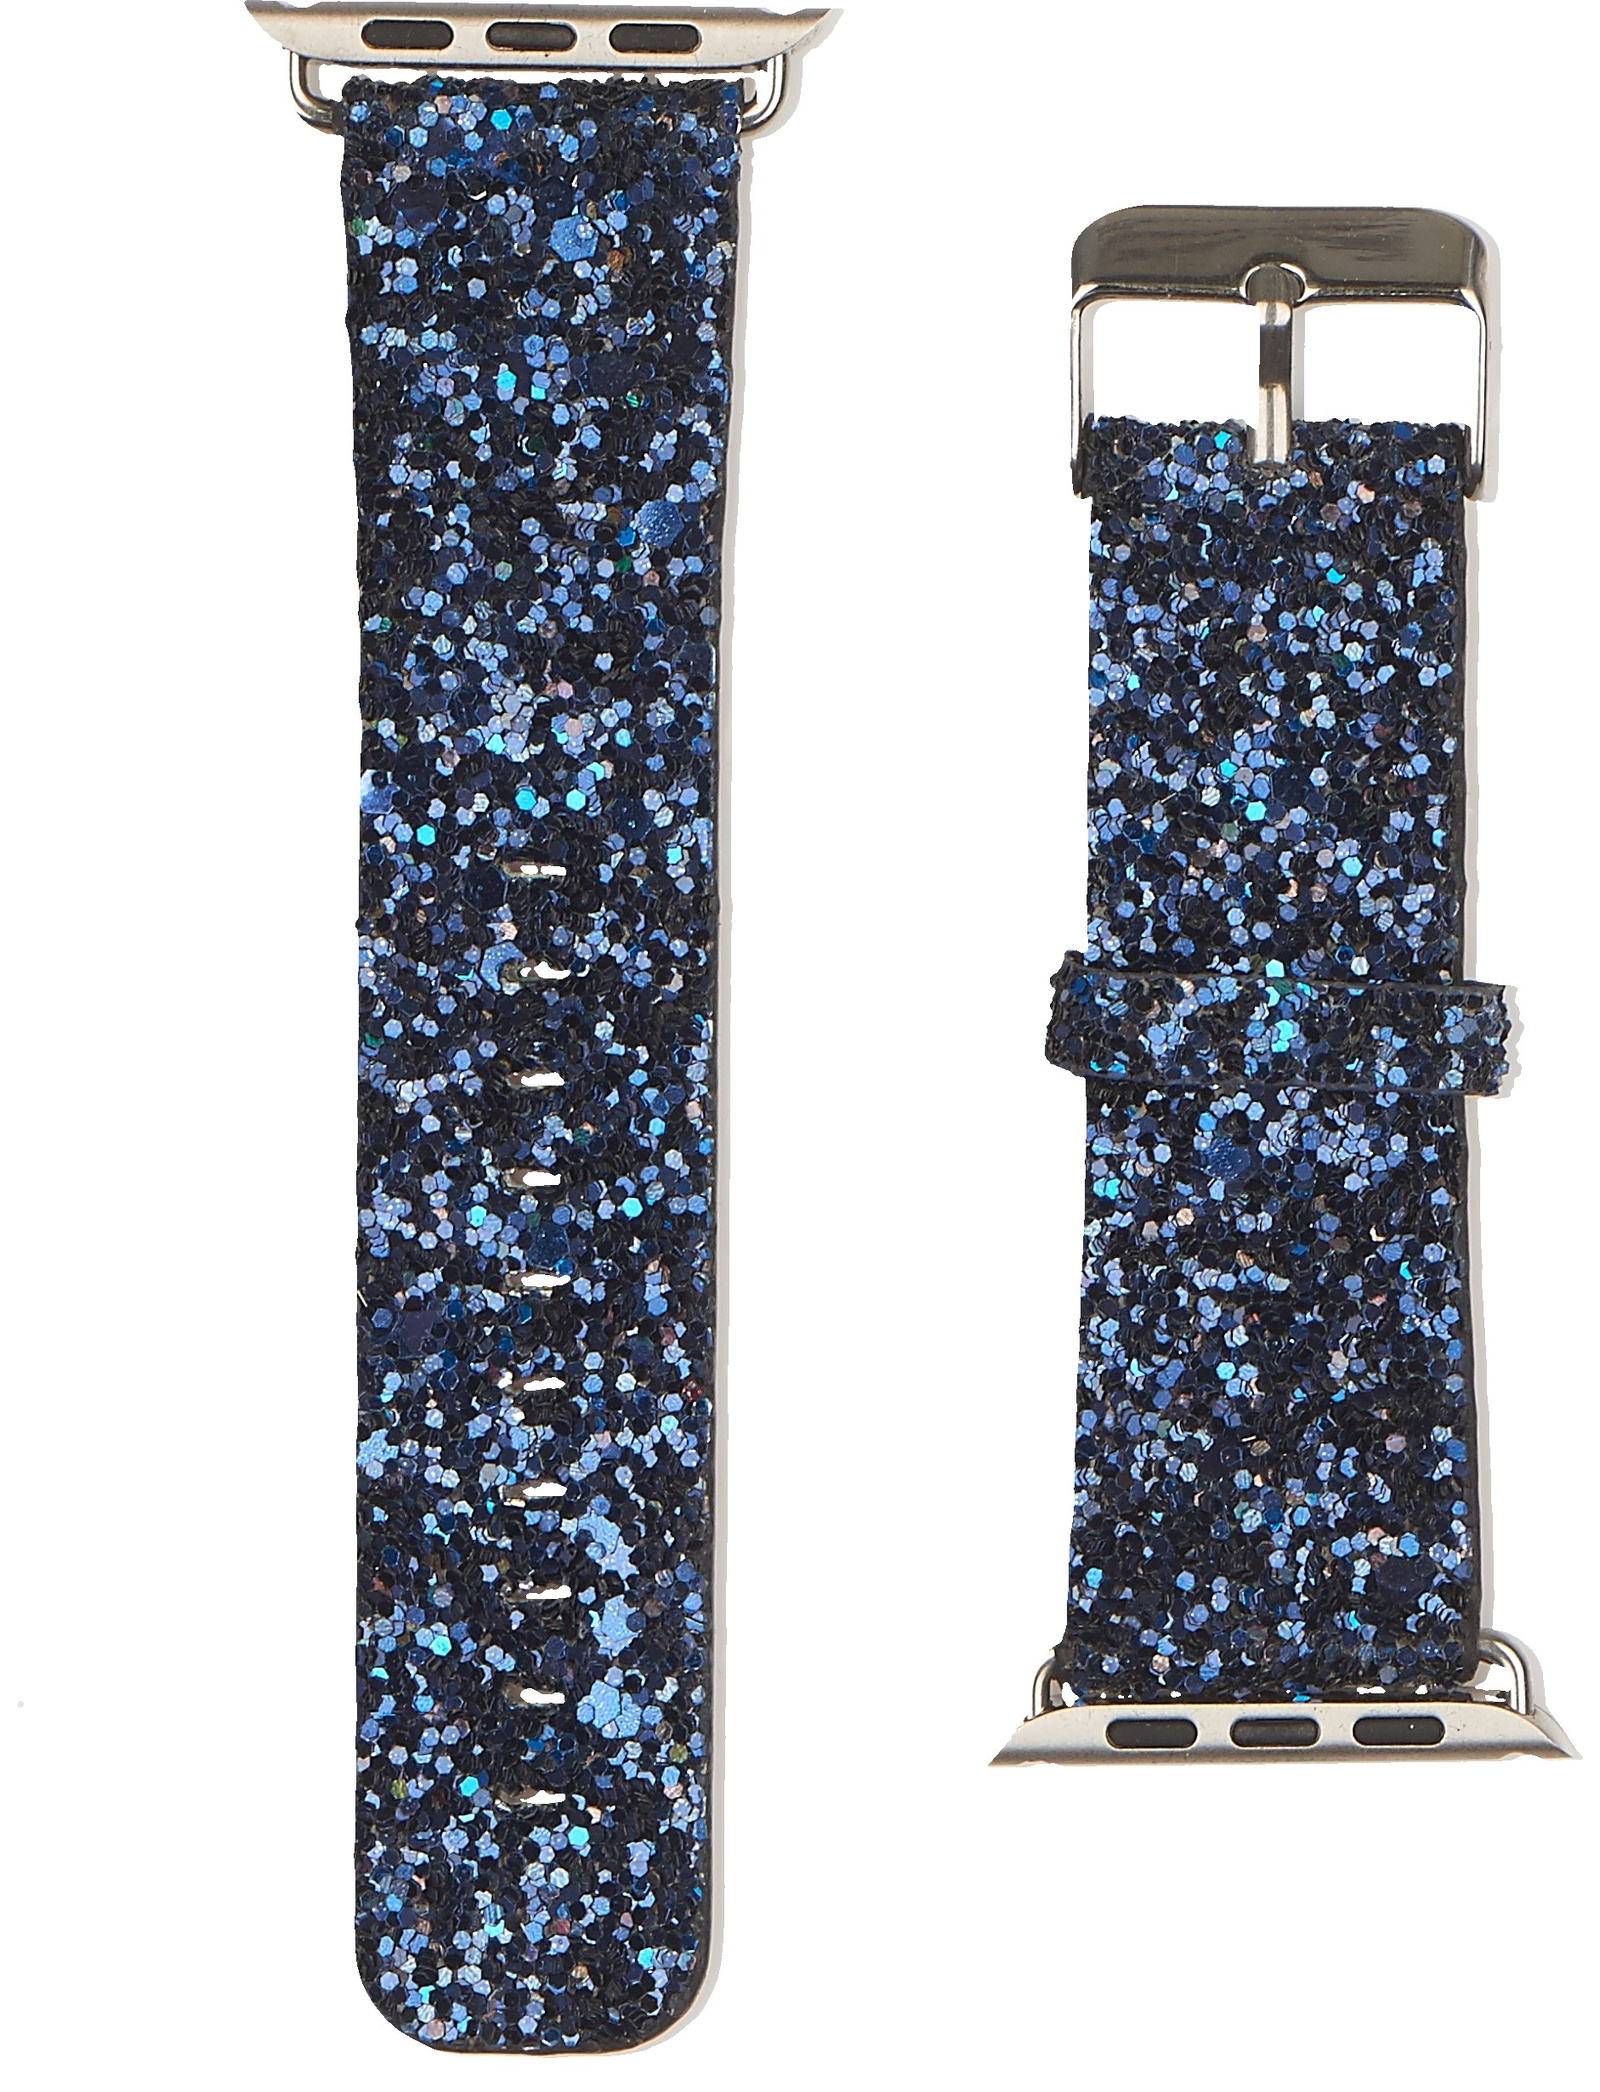 Ремешок для смарт-часов Simolina Ремешок из натуральной кожи блестящий, цвет глубокий синий для Apple Watch 42 mm, темно-синий аксессуар ремешок gurdini sport silicone для apple watch 42mm dark teal 906173